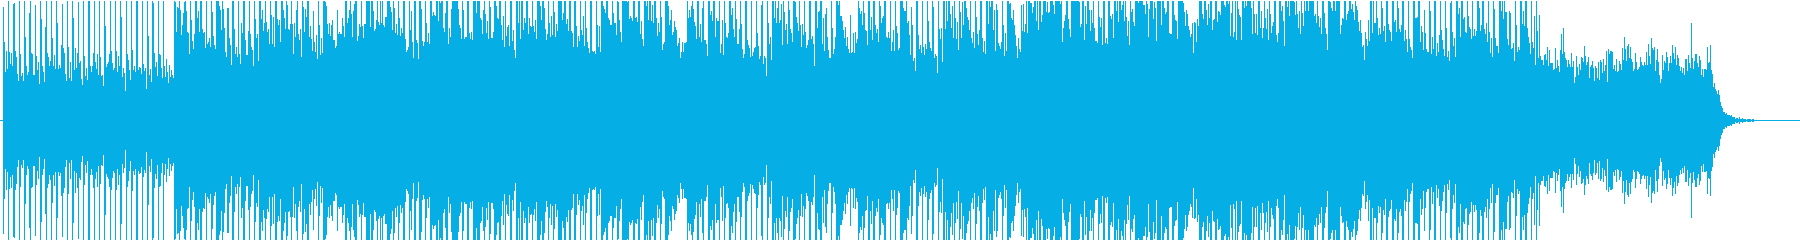 美しいギターピアノのさわやかコーポレートの再生済みの波形